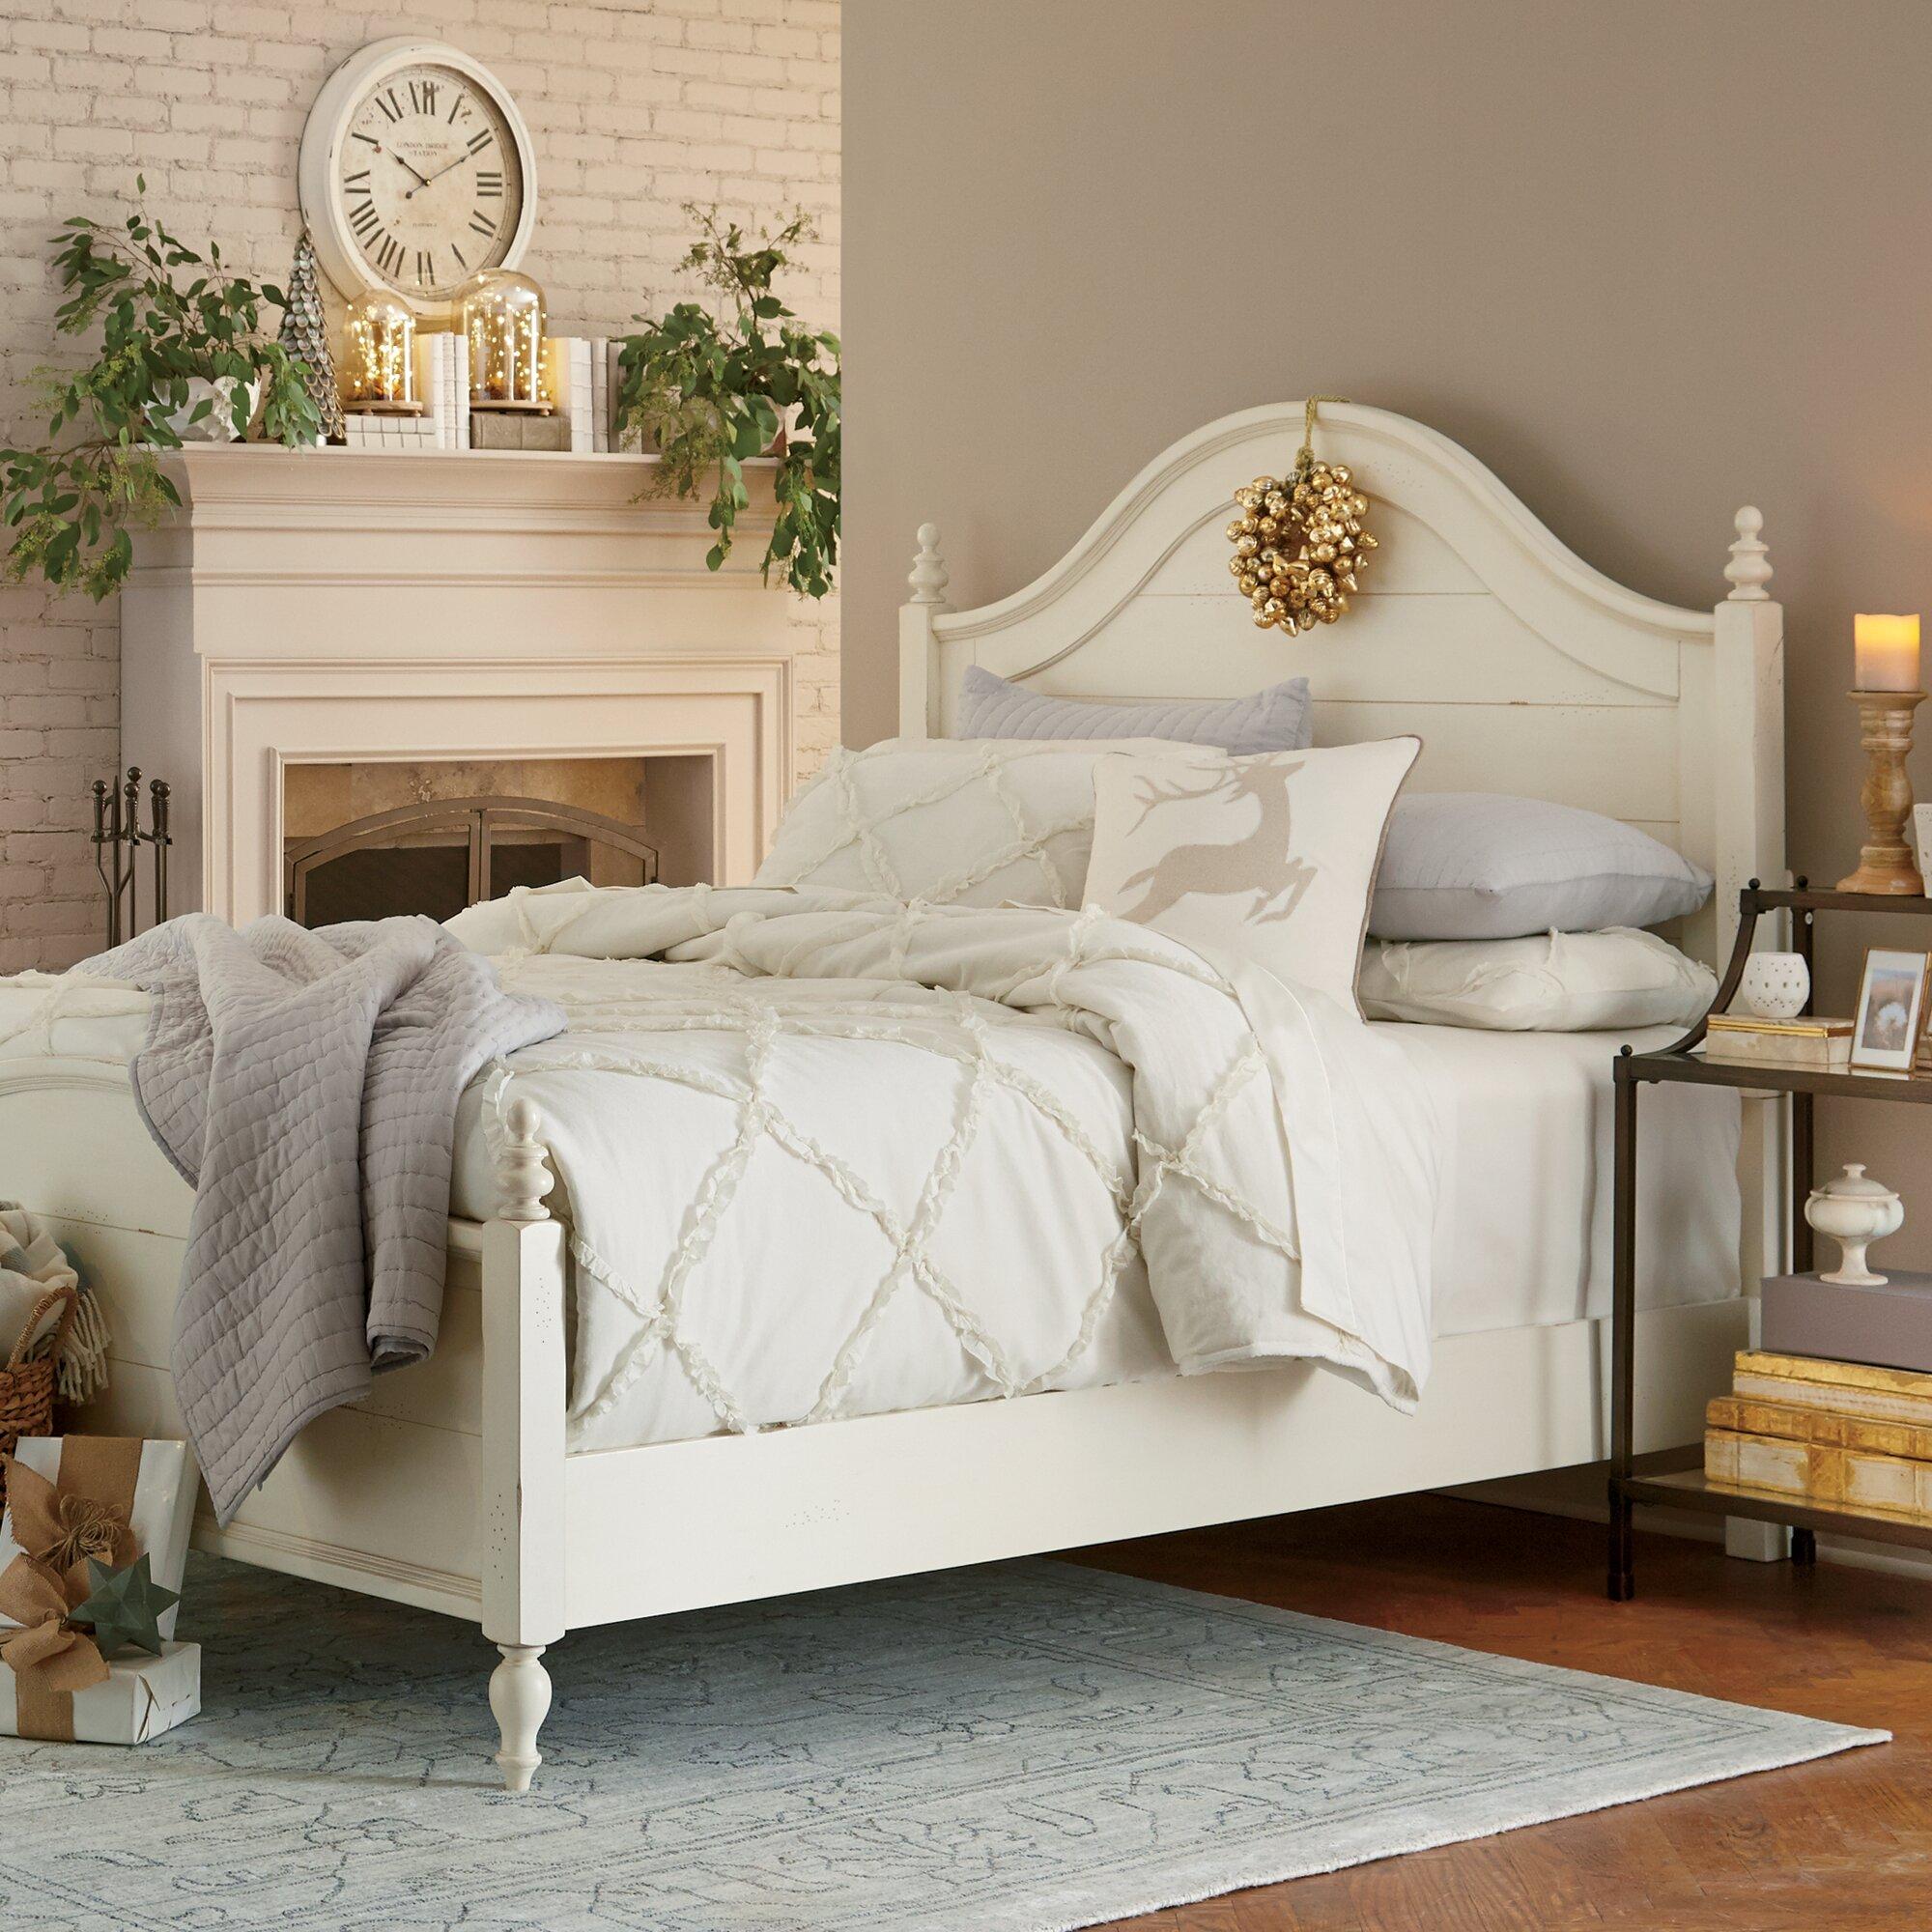 Lane Furniture Bedroom